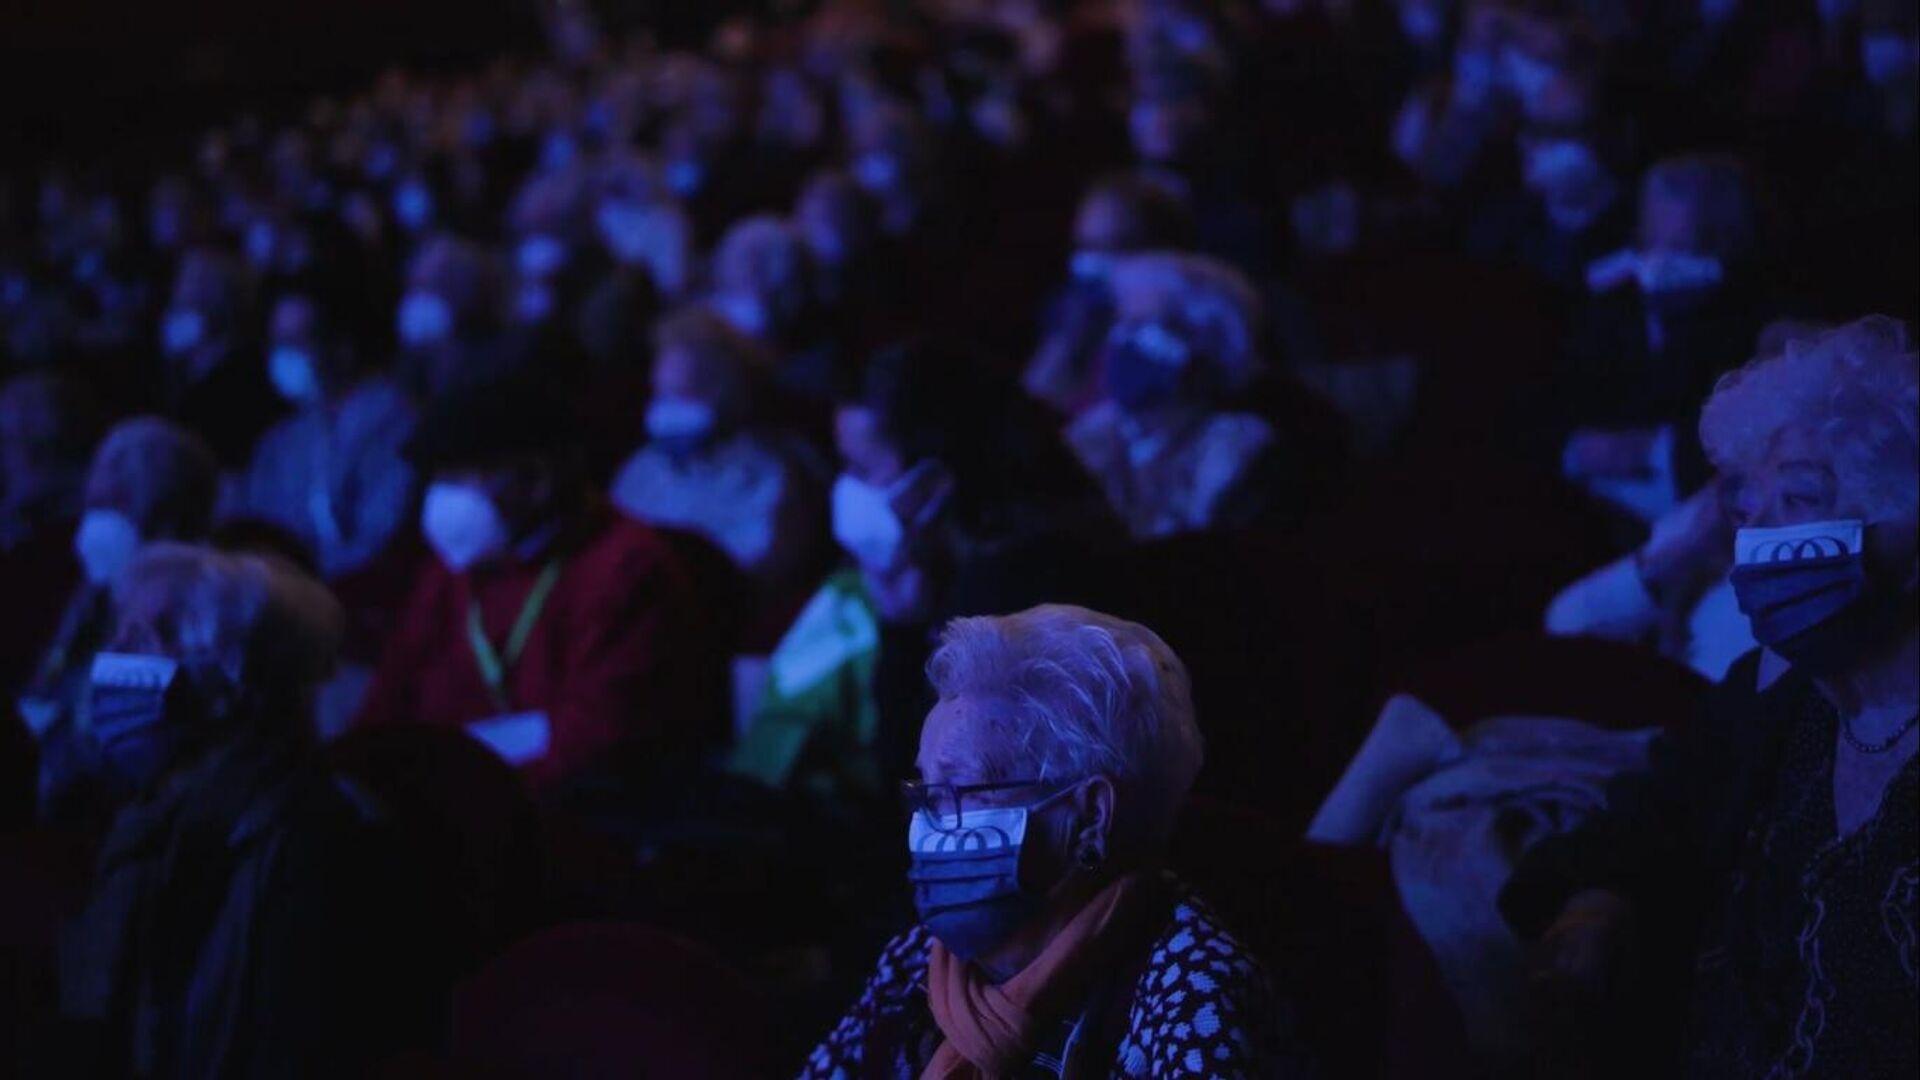 Mayores vacunados disfrutan de un espectáculo de teatro en Madrid - Sputnik Mundo, 1920, 25.02.2021